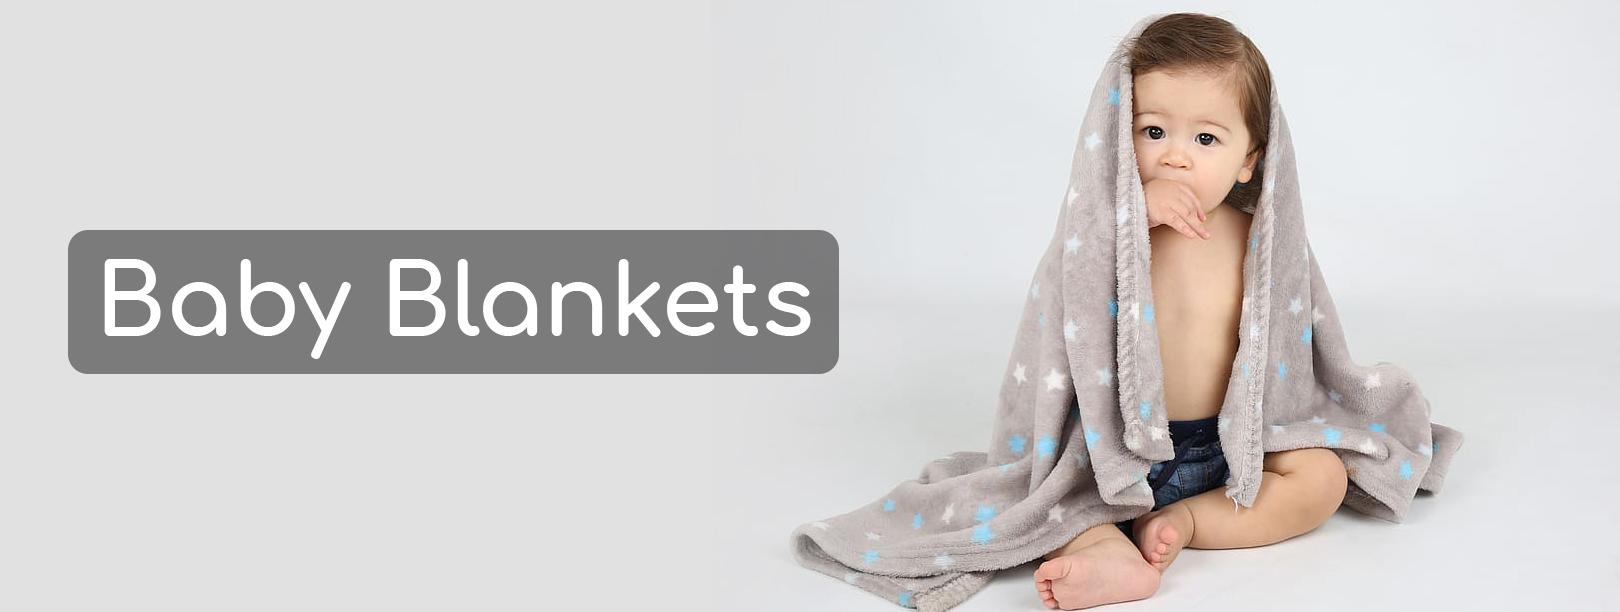 Flipkart Baby Blankets